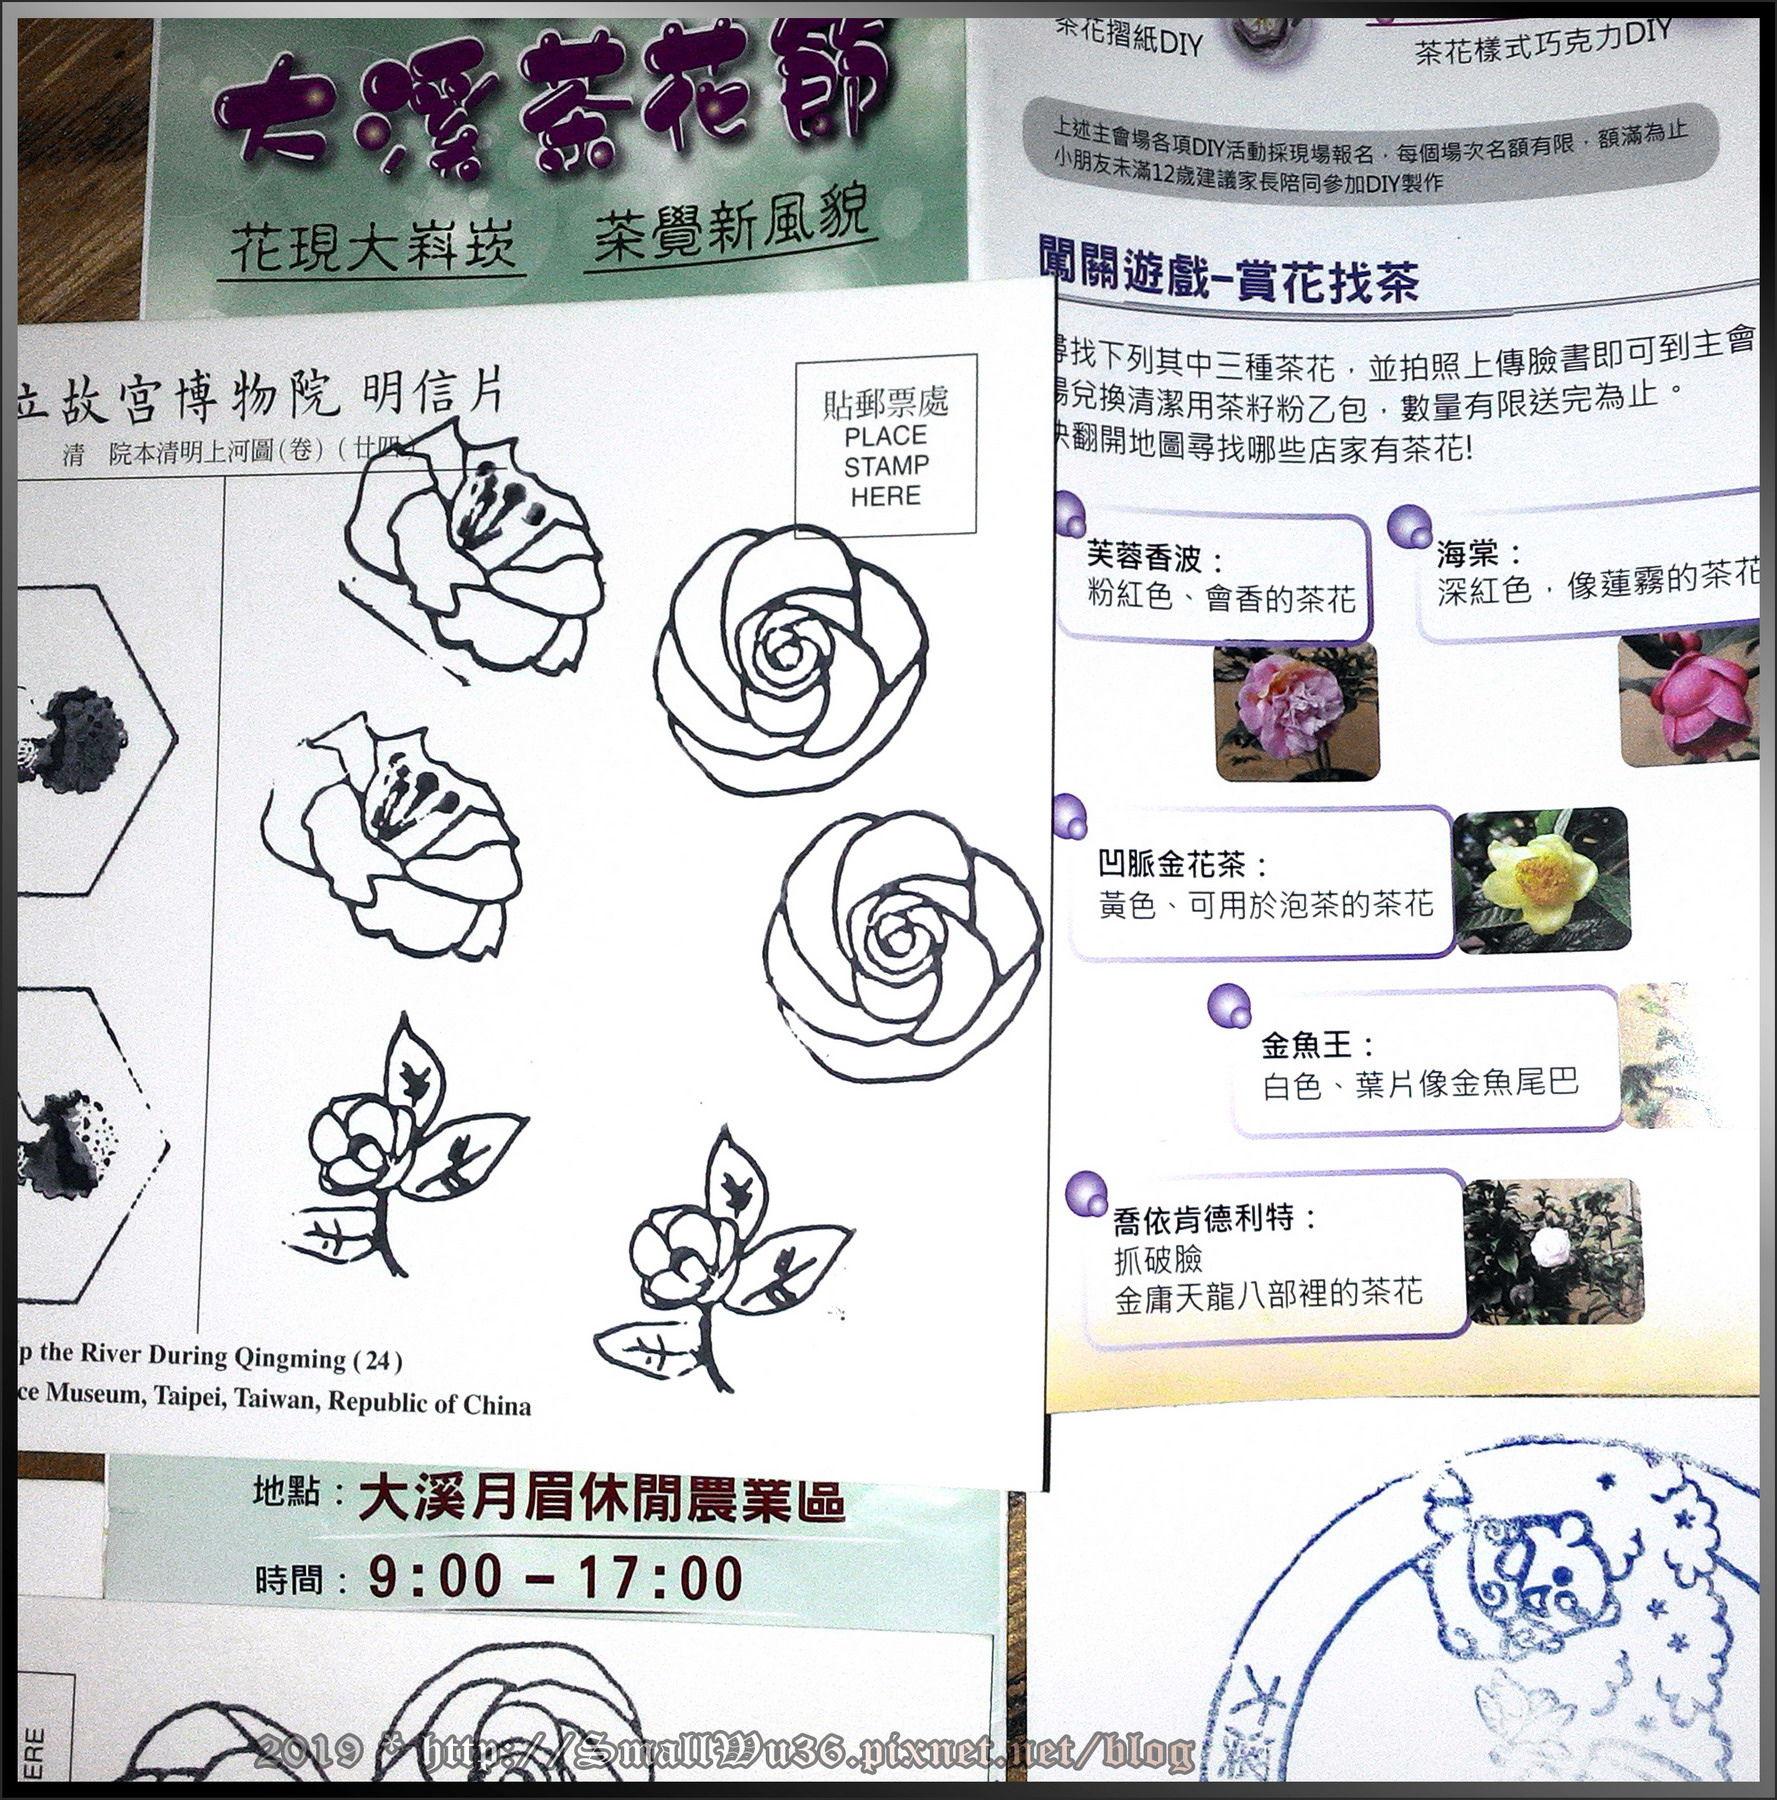 大溪茶花節-印章集章.jpg